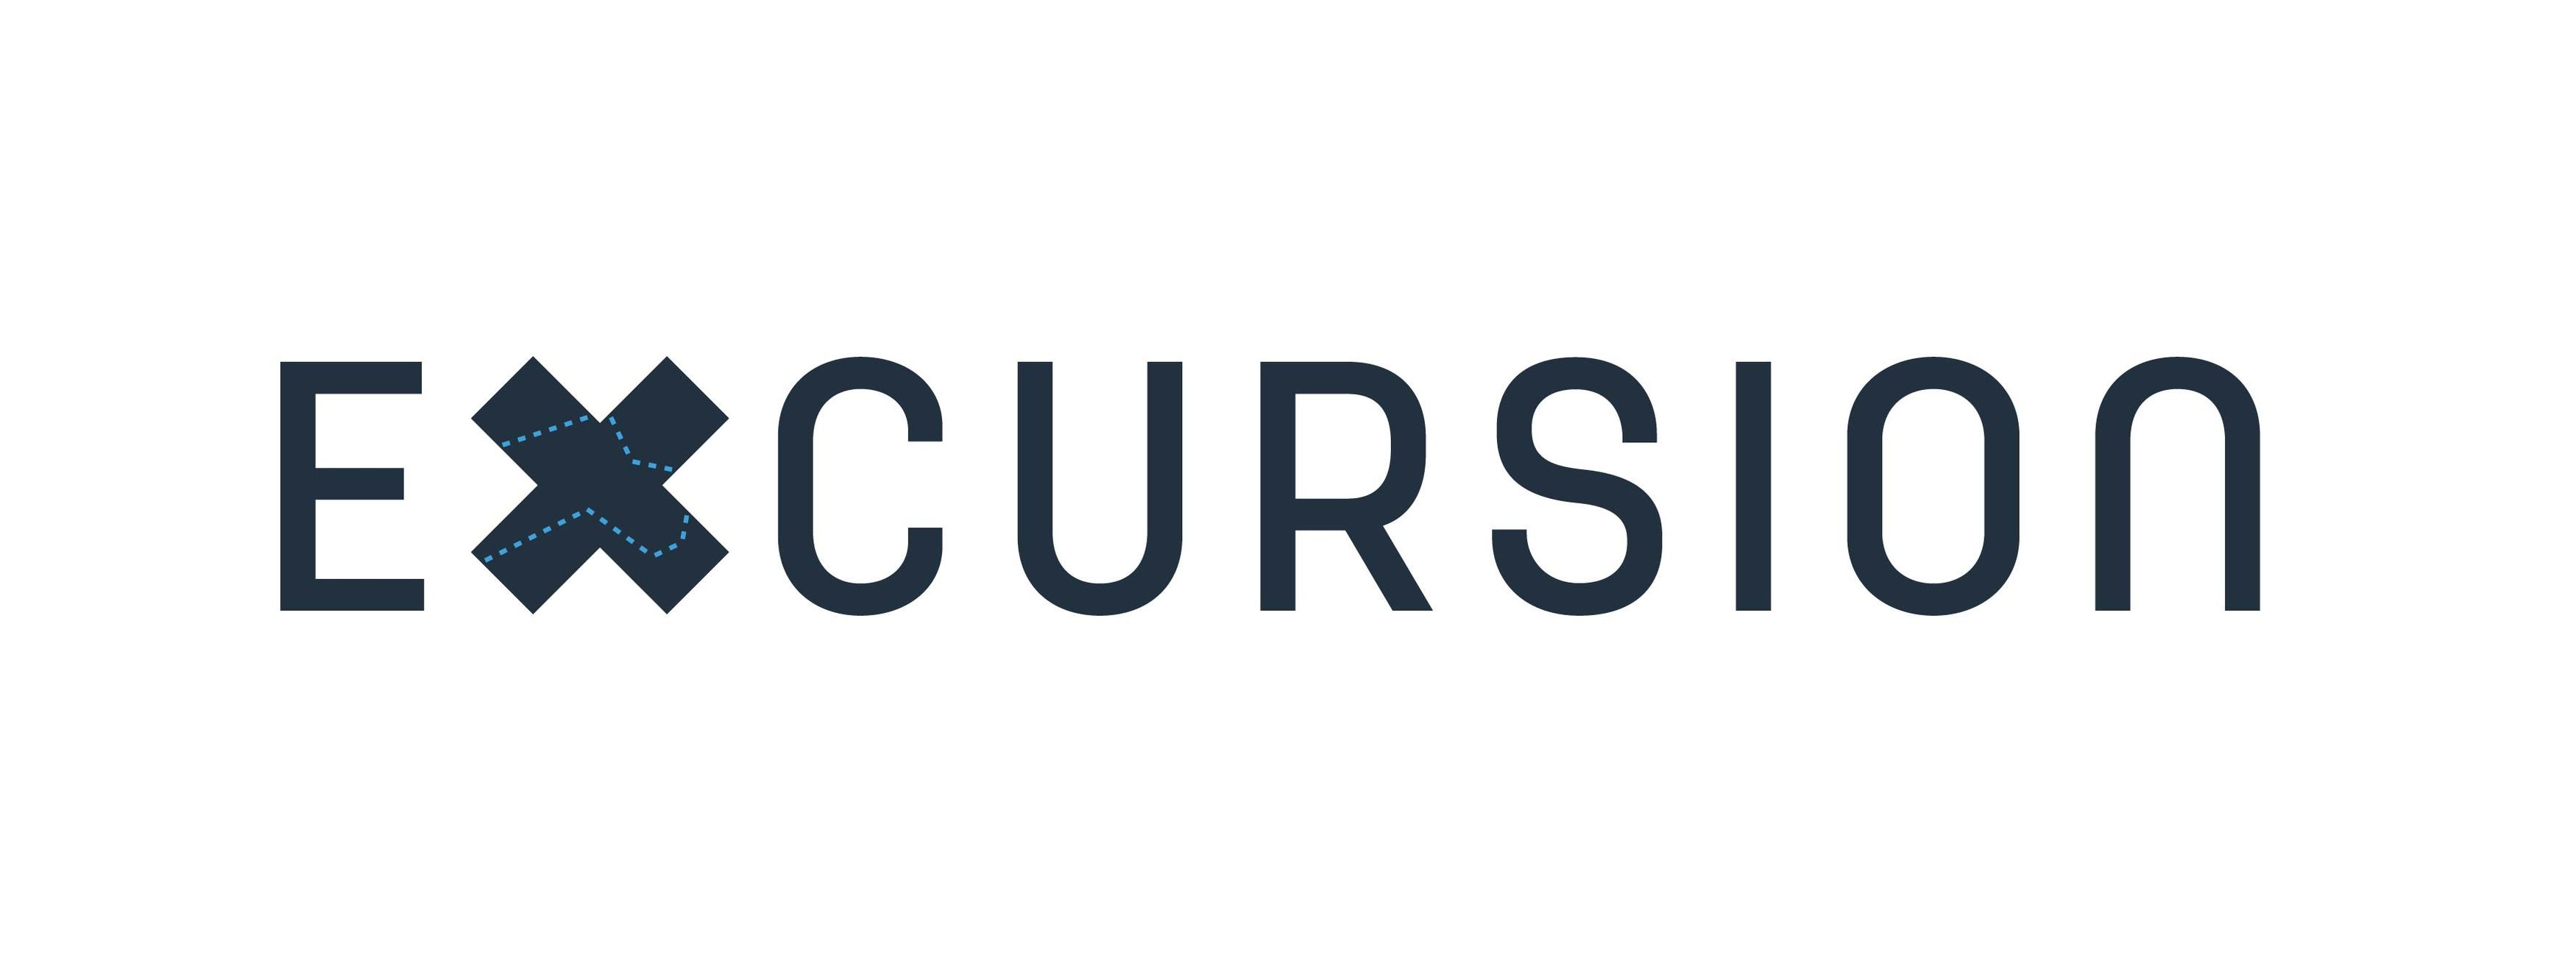 excursion logo - irenechou